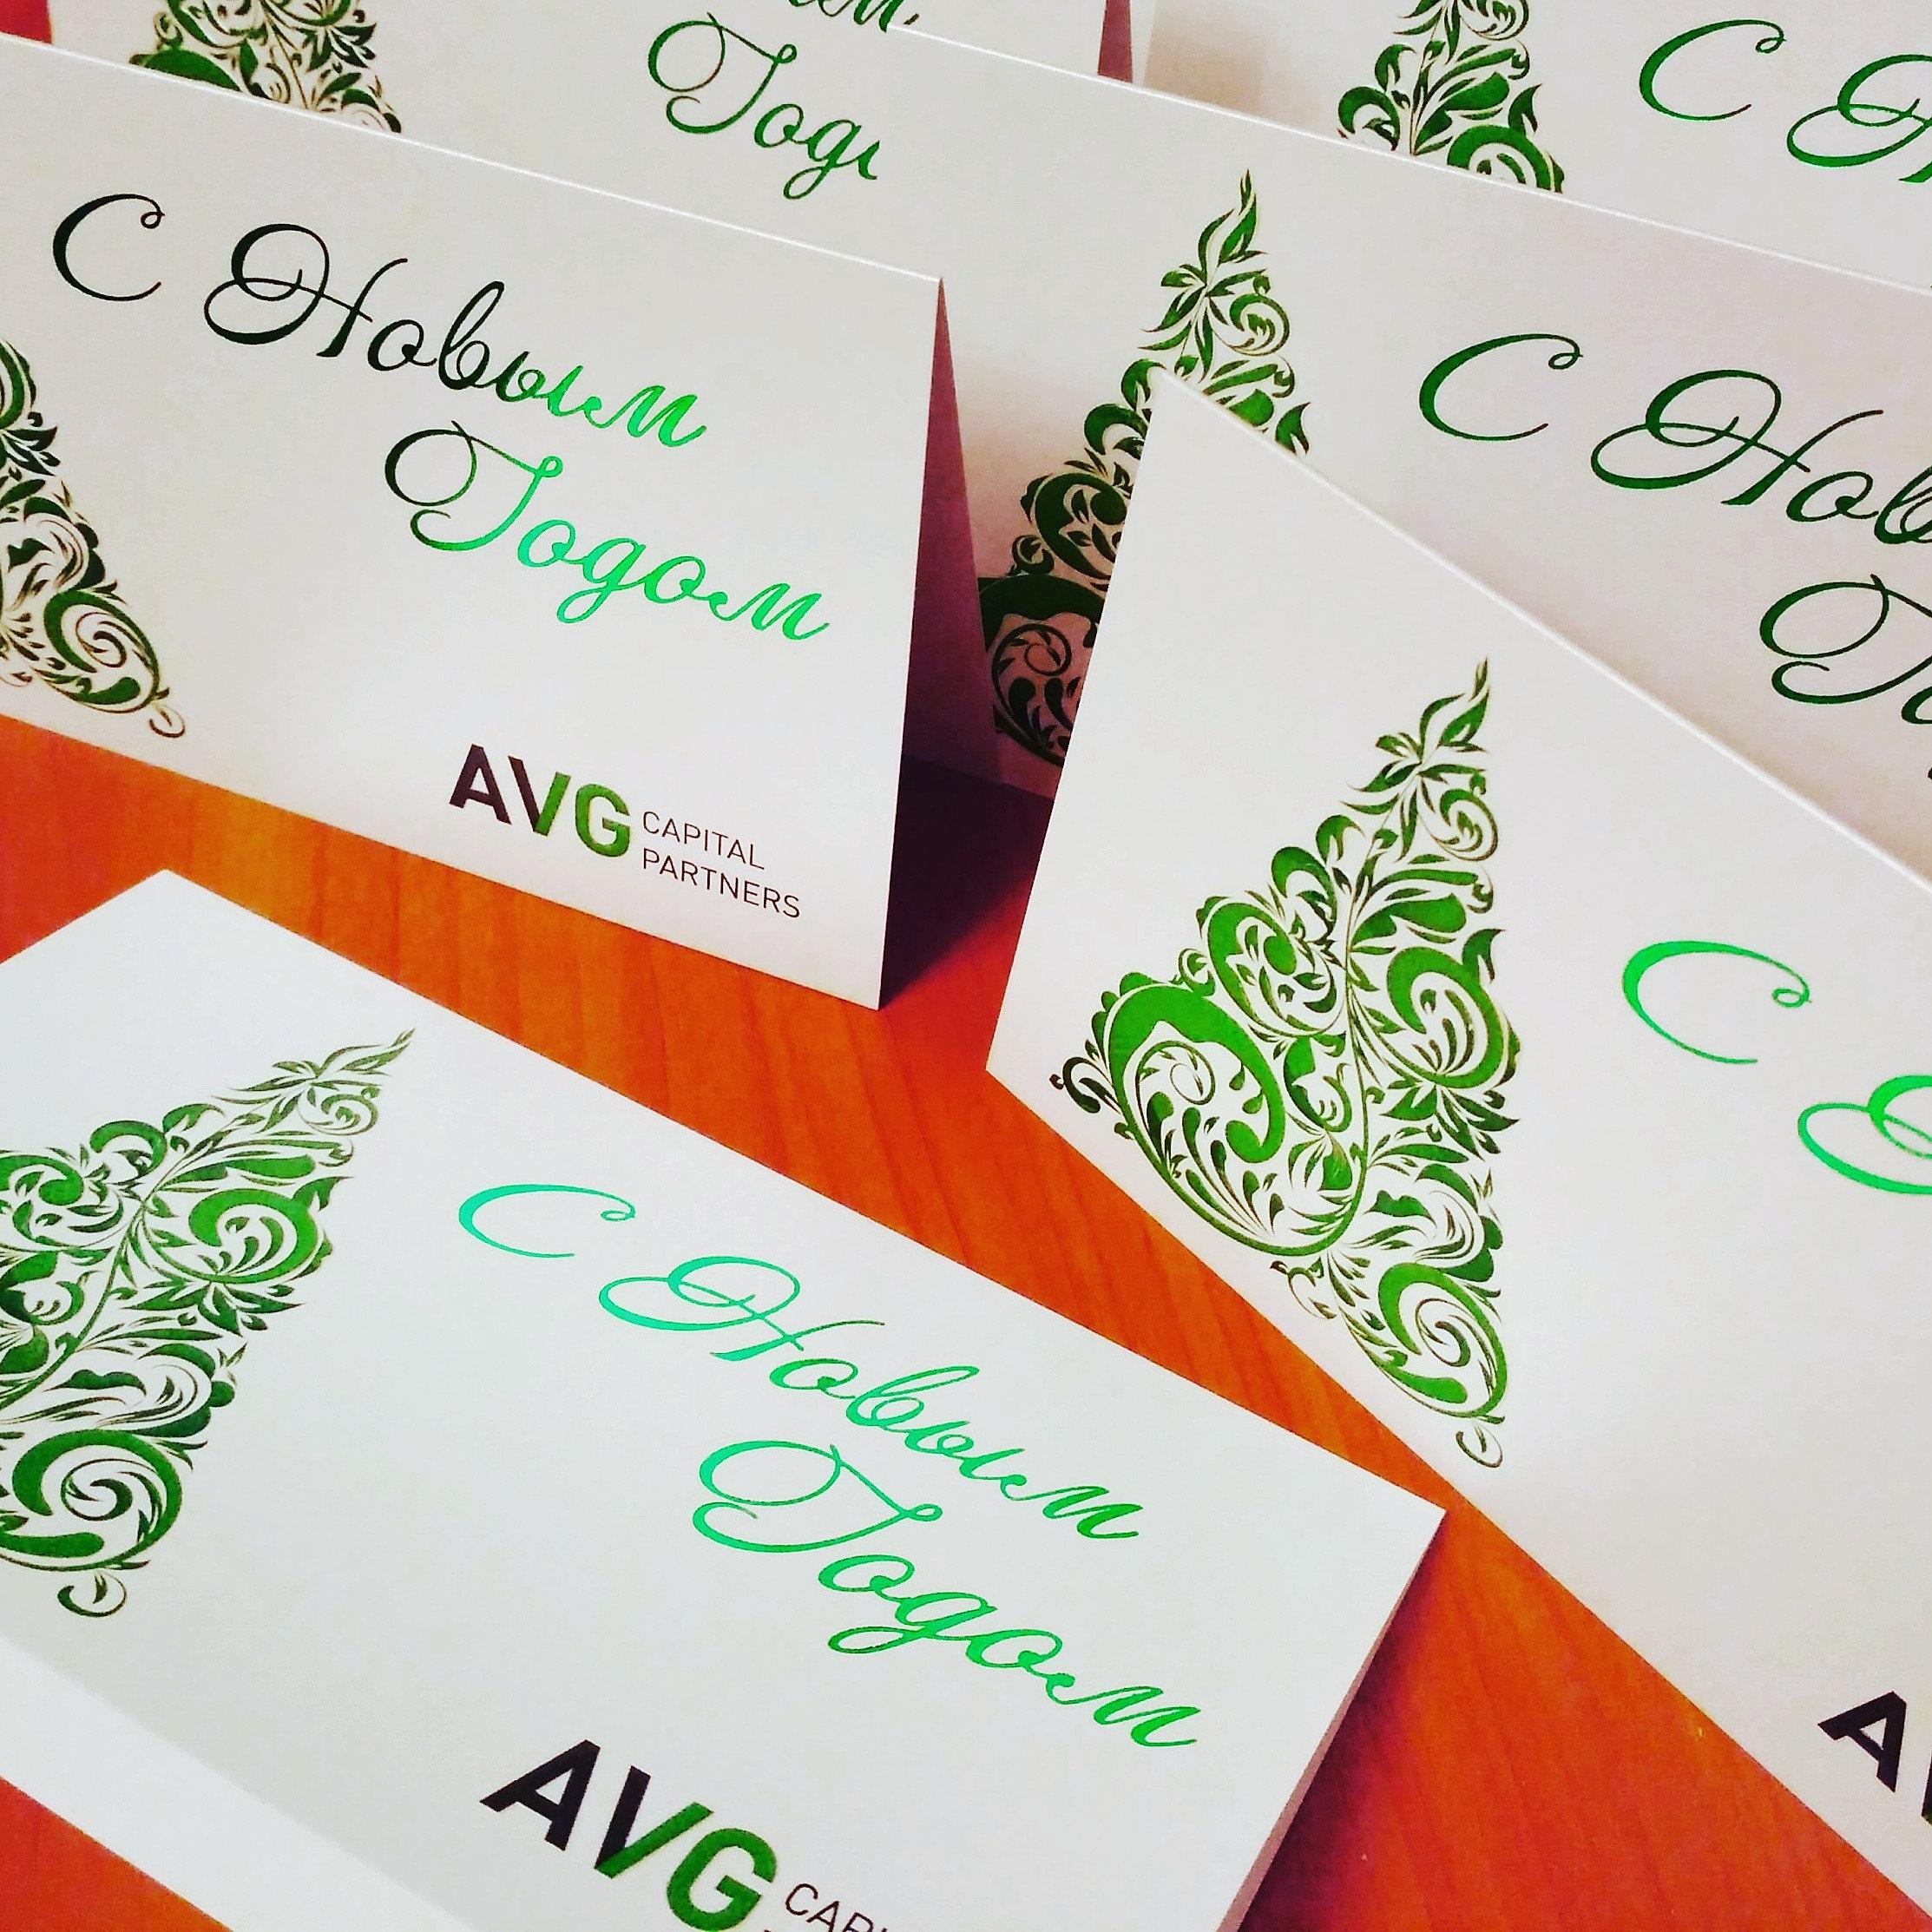 Повышением, печать на открытках самара макет онлайн